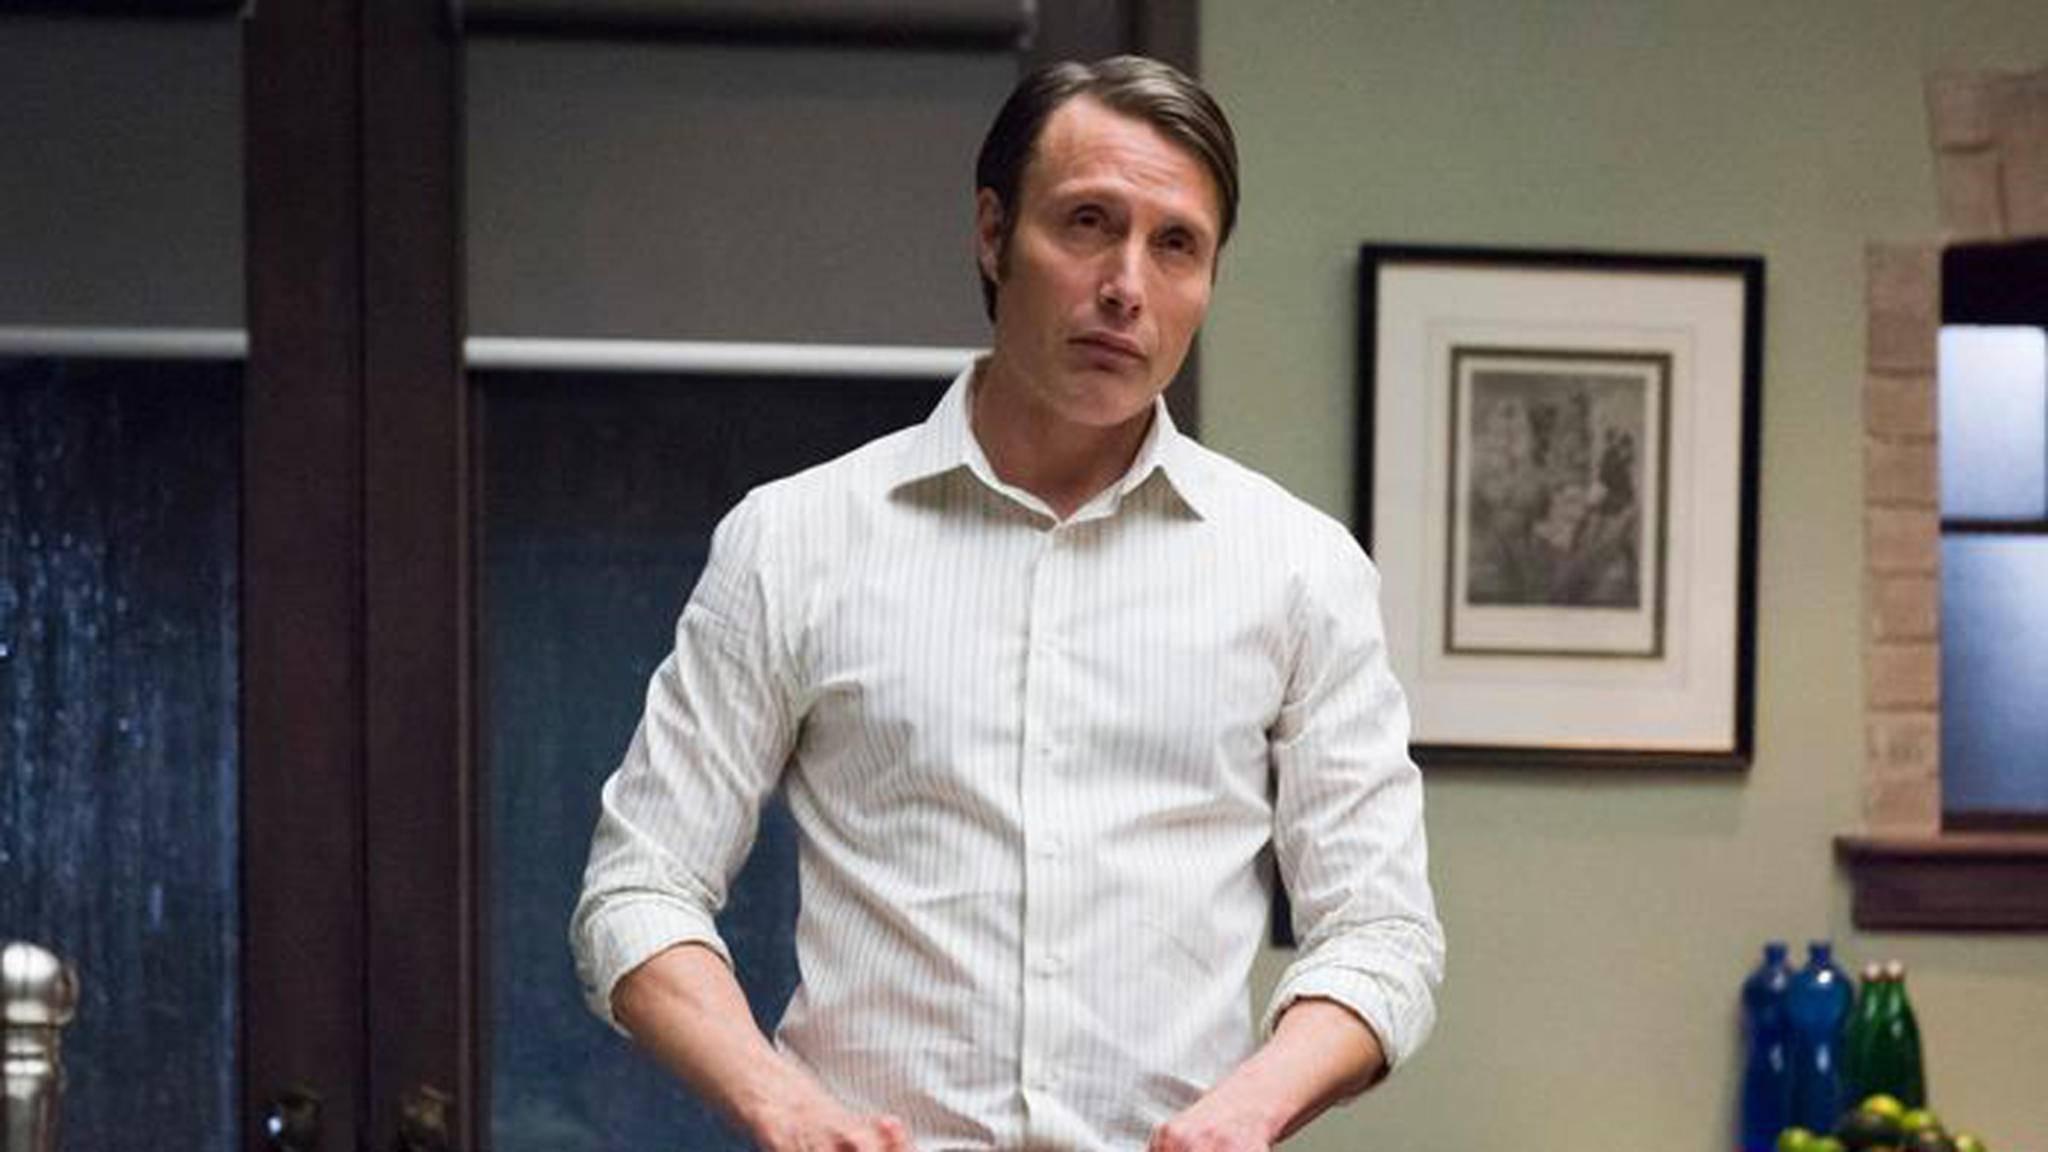 Mads Mikkelsen schafft es, in die großen Fußstapfen von Sir Anthony Hopkins zu treten und als Hannibal Lecter zu beeindrucken.